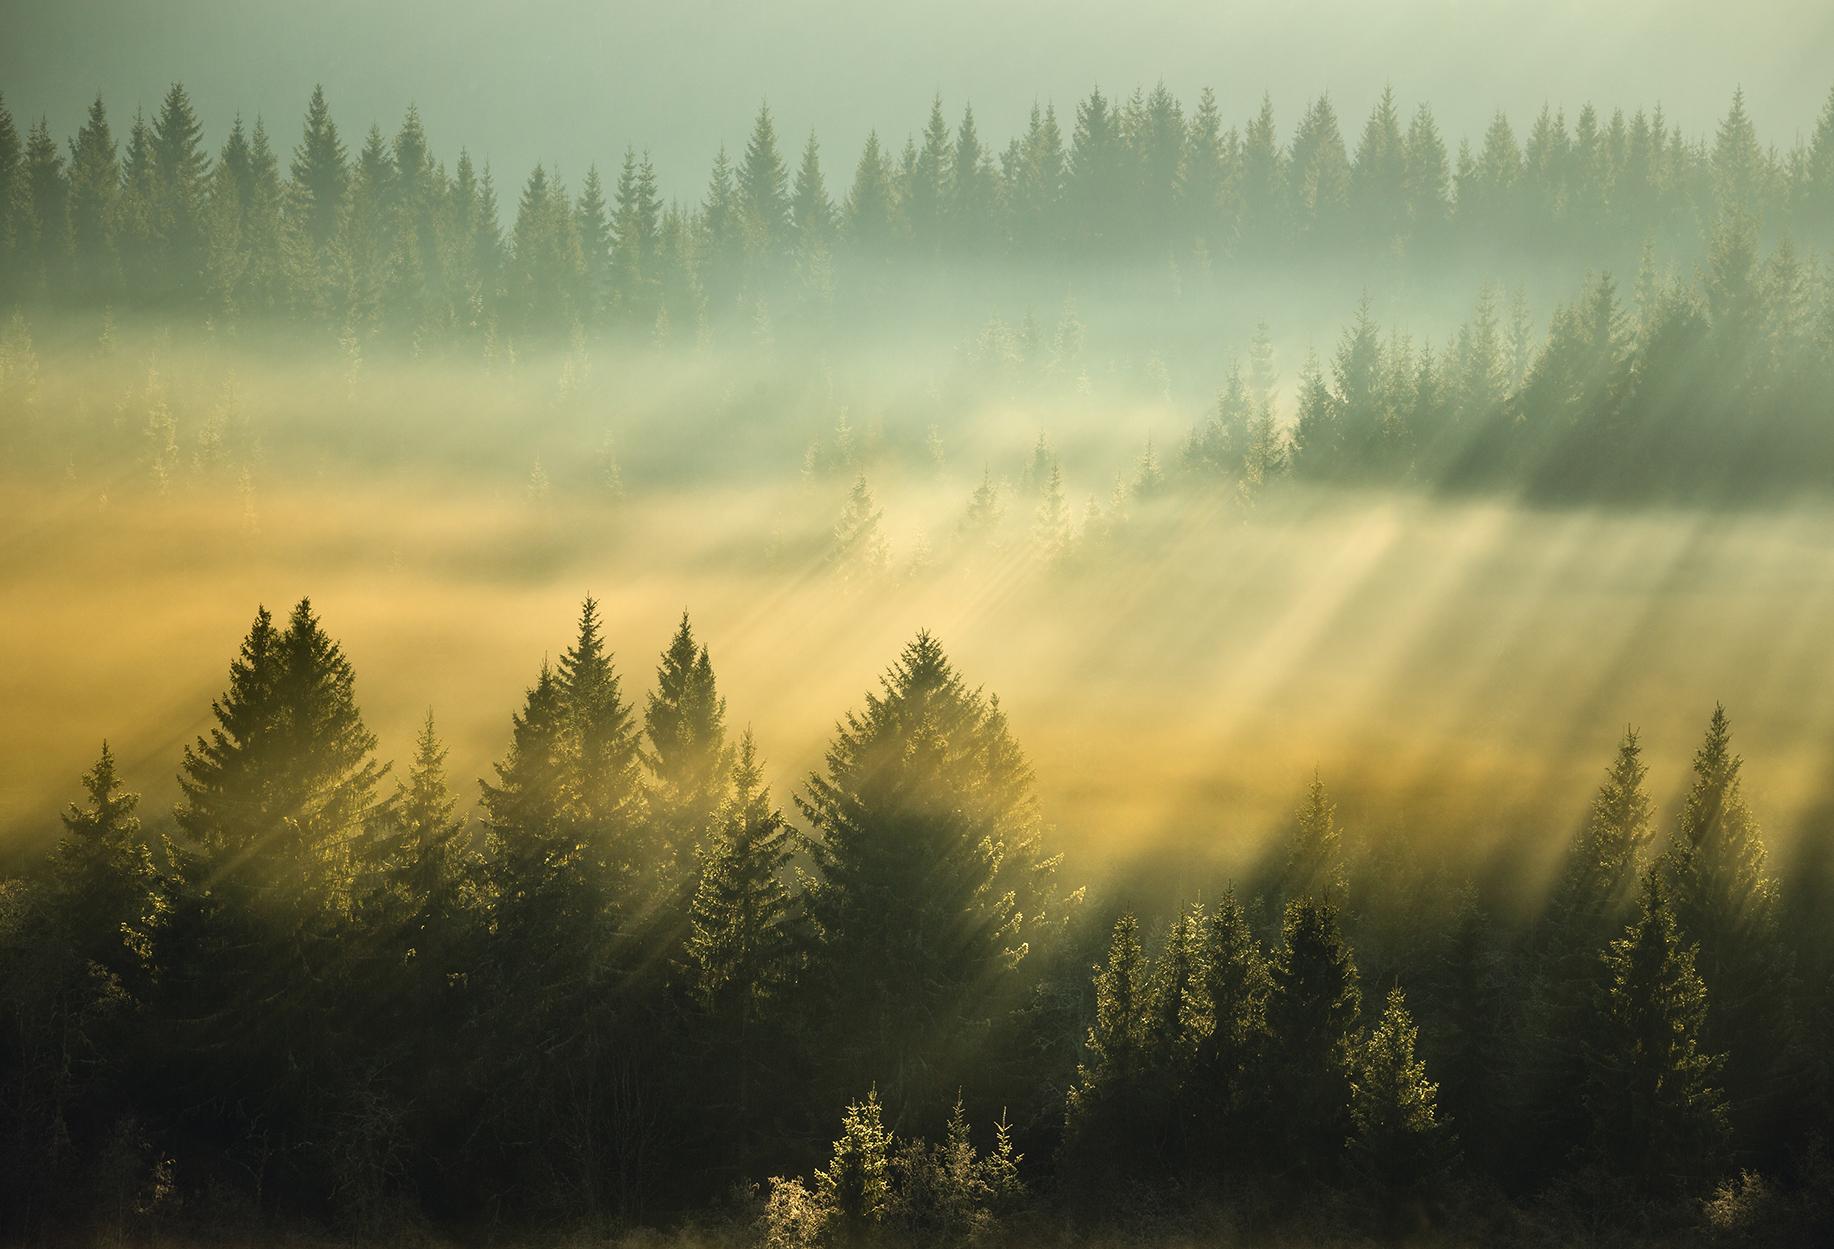 Pellopuu luontakuva metsämaisema